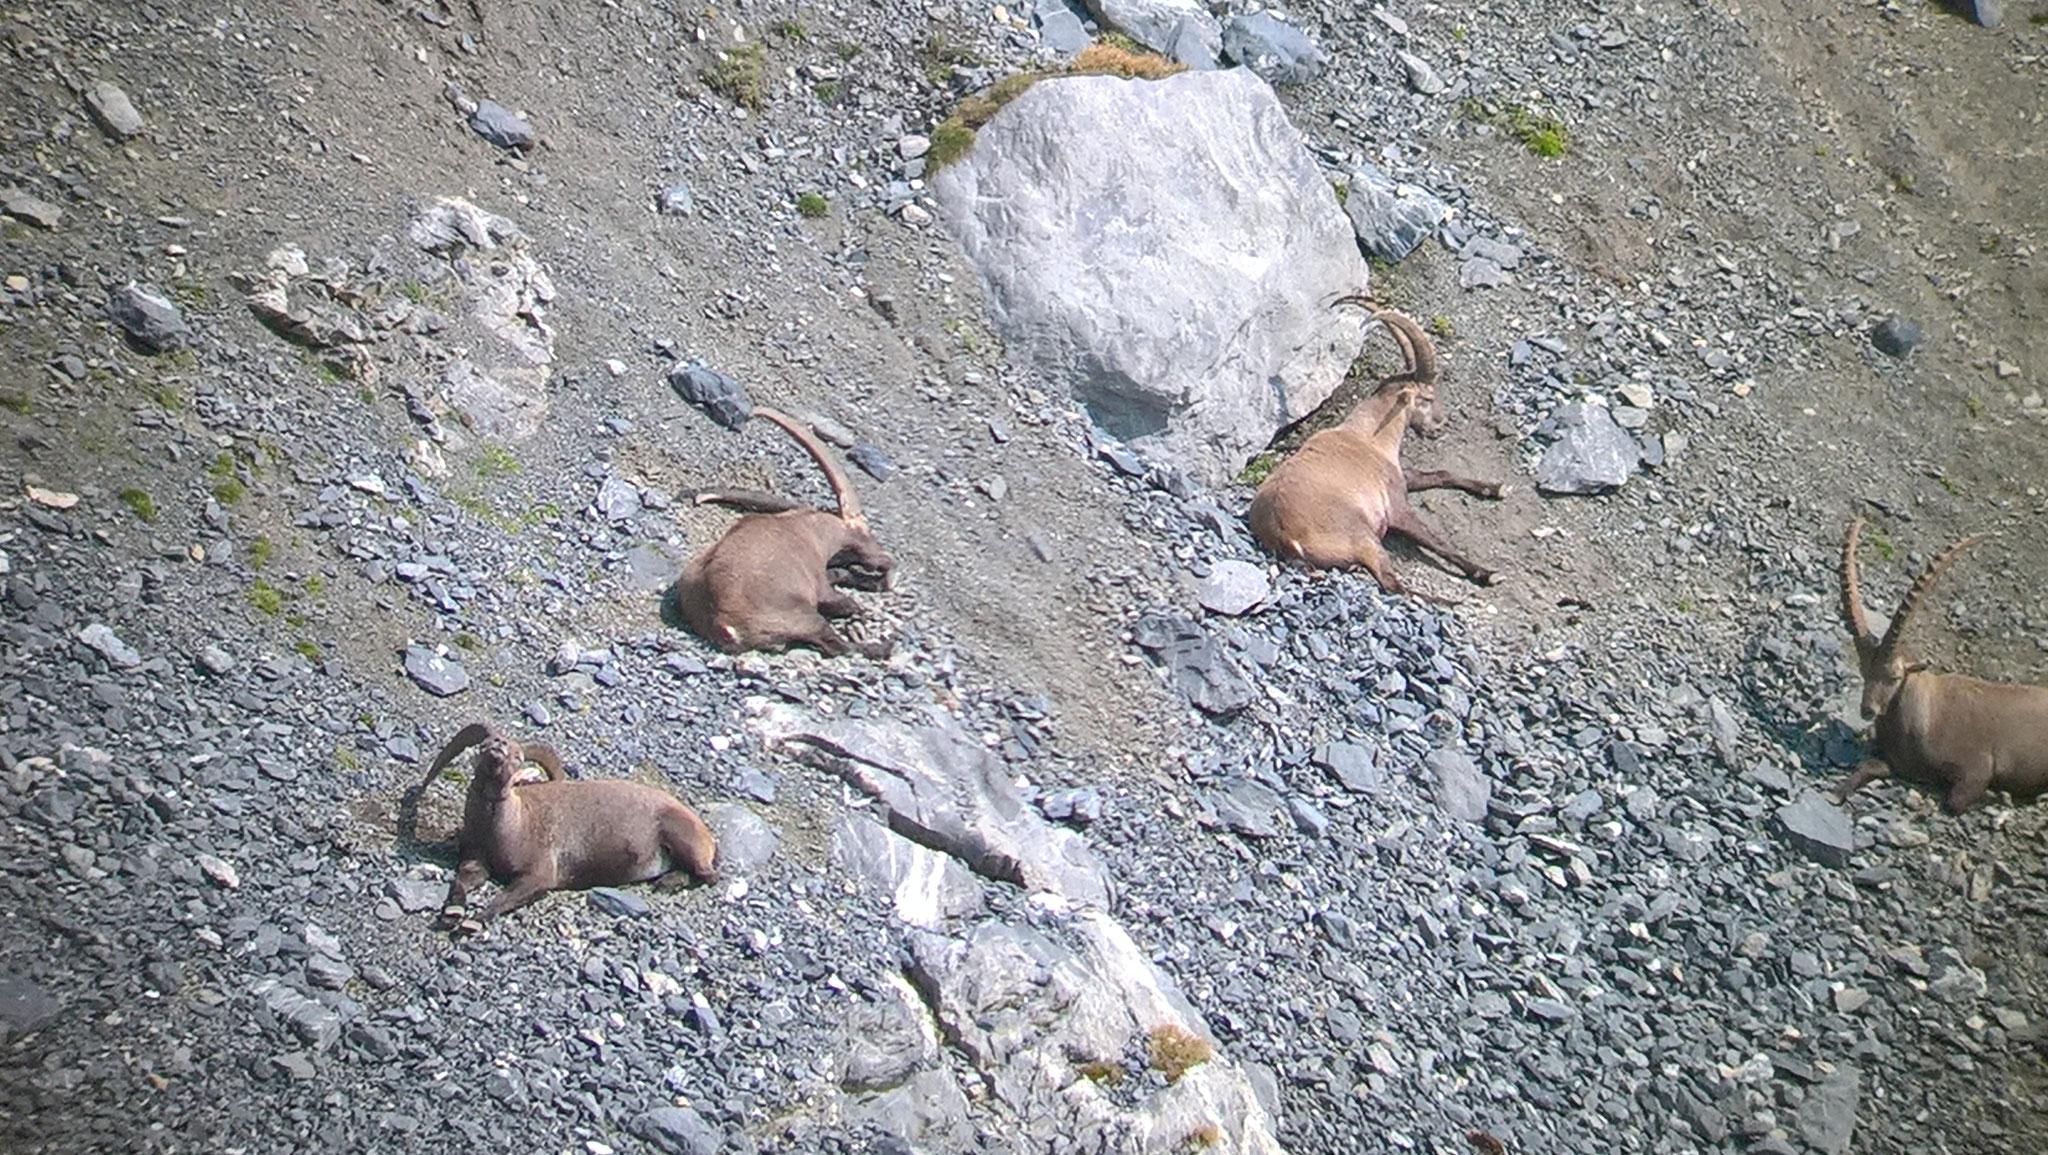 Steinböcke fotografiert durch den Feldstecher mit dem Natel